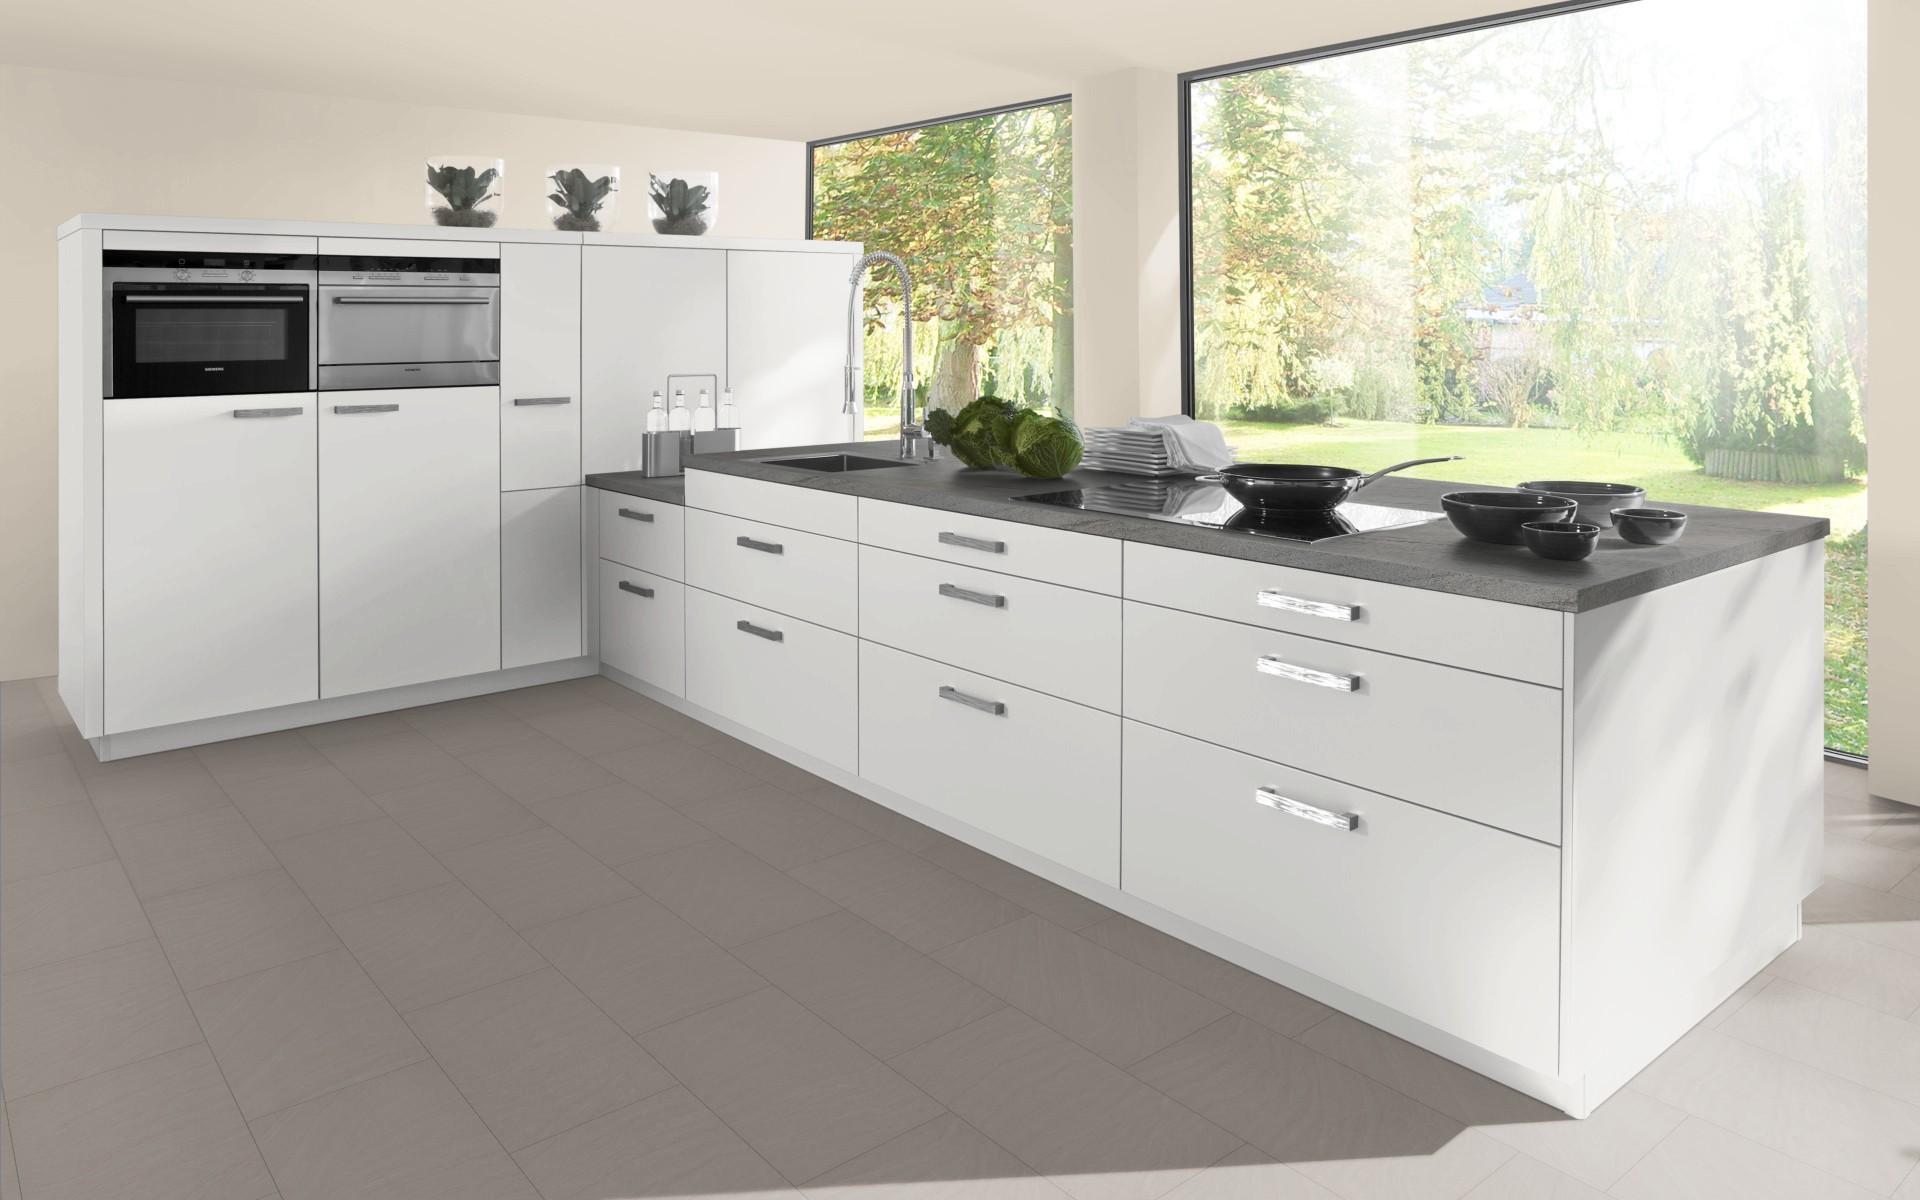 High Gloss Kitchen Door in White